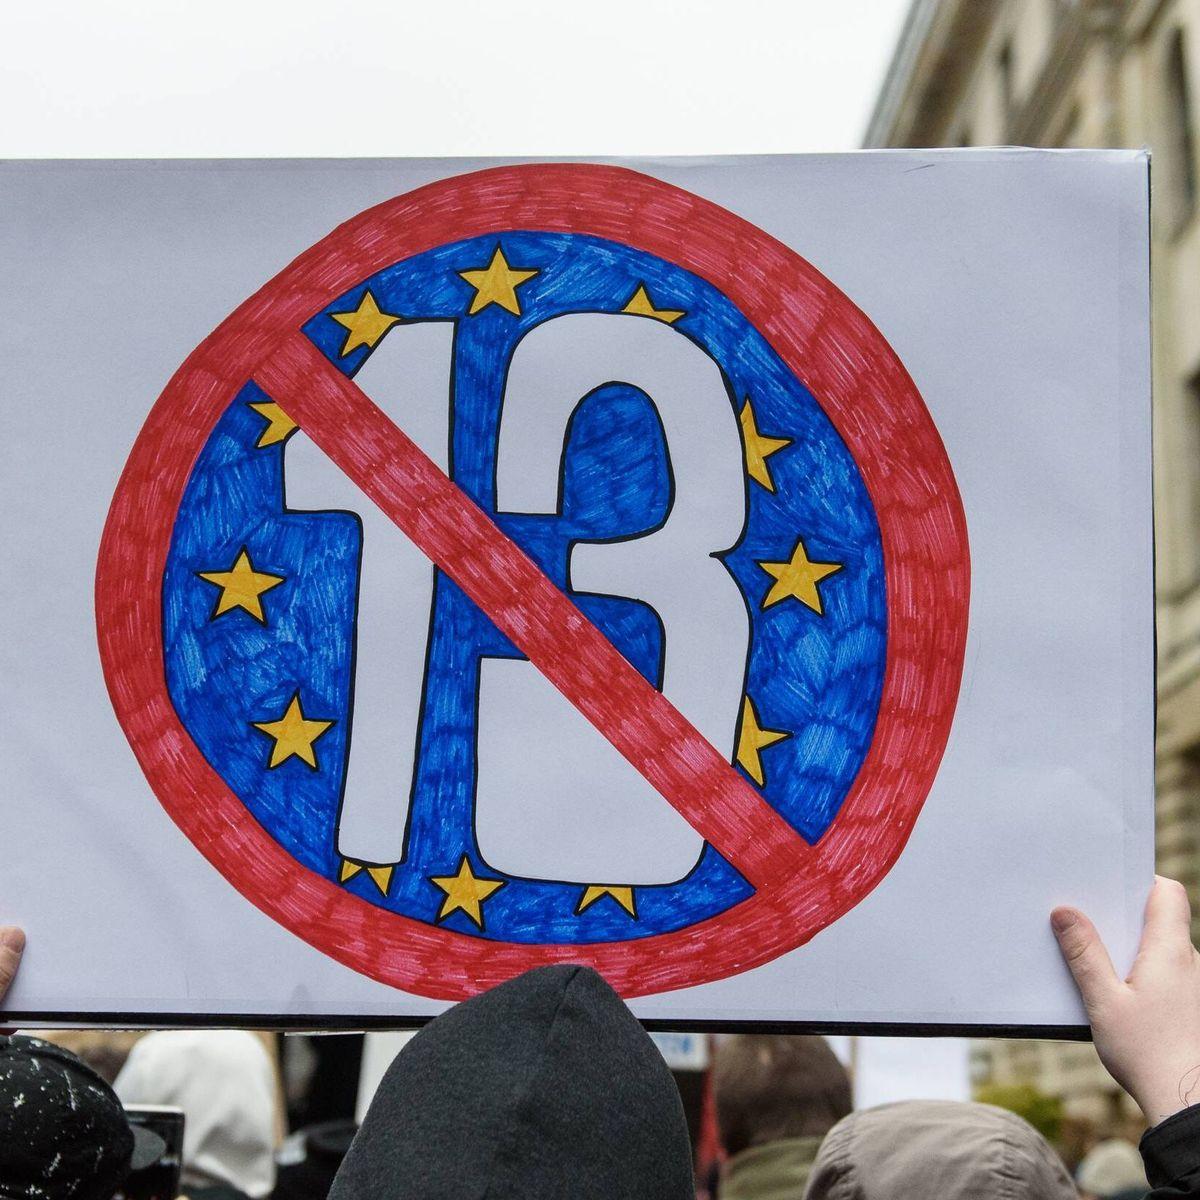 artikel 13 abstimmung uhrzeit